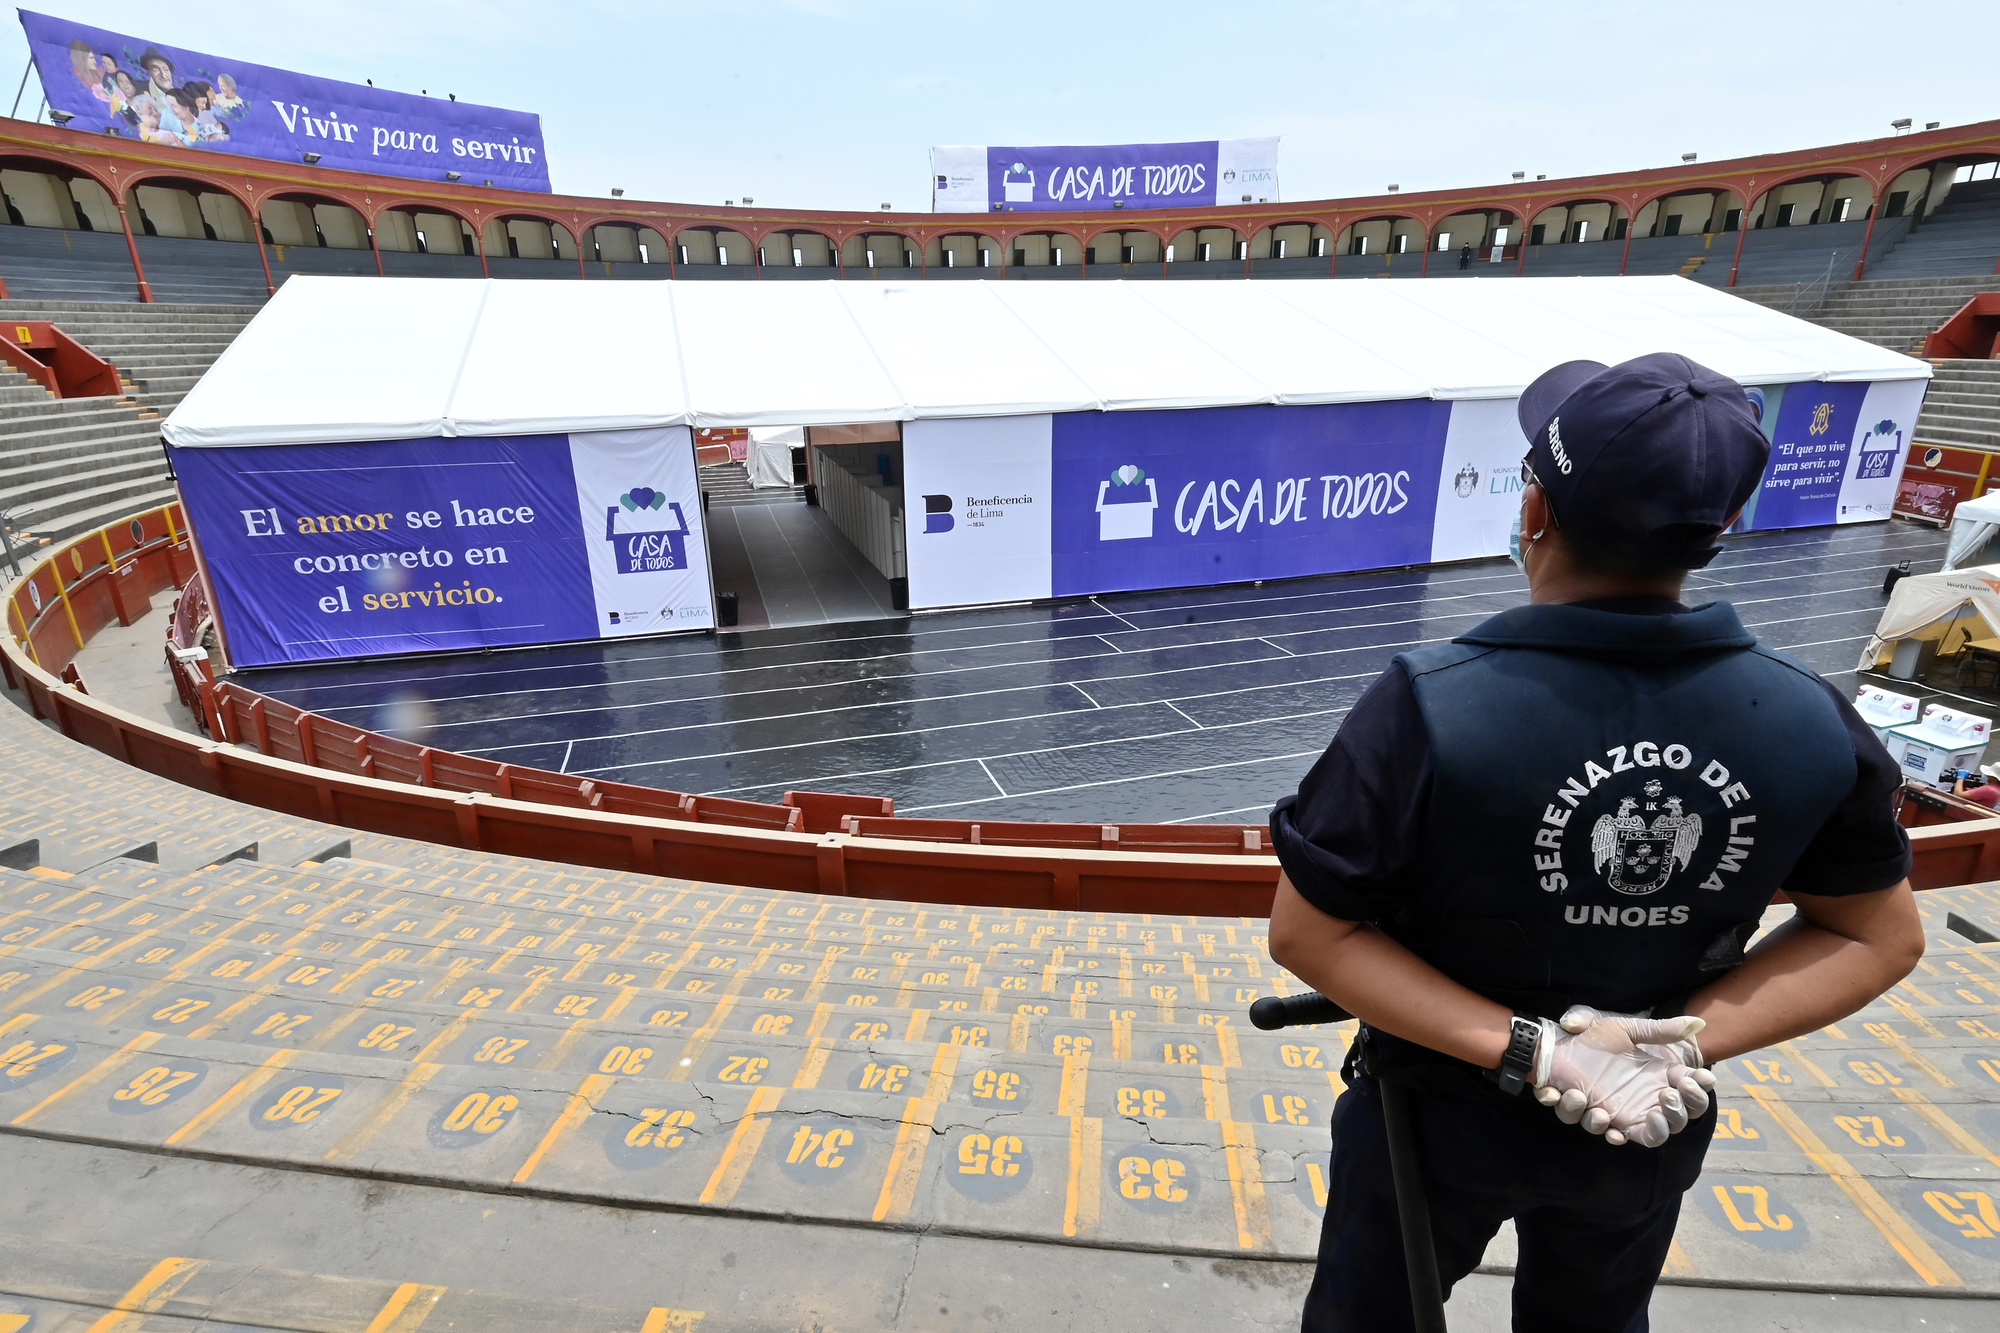 Photo de l'abri installé aux arènes bicentenaires d'Acho à Lima pour la durée du nouveau coronavirus. Situé dans le quartier peuplé de Rimac, près du centre historique de la capitale péruvienne, le refuge devrait héberger temporairement jusqu'à 150 personnes., belga